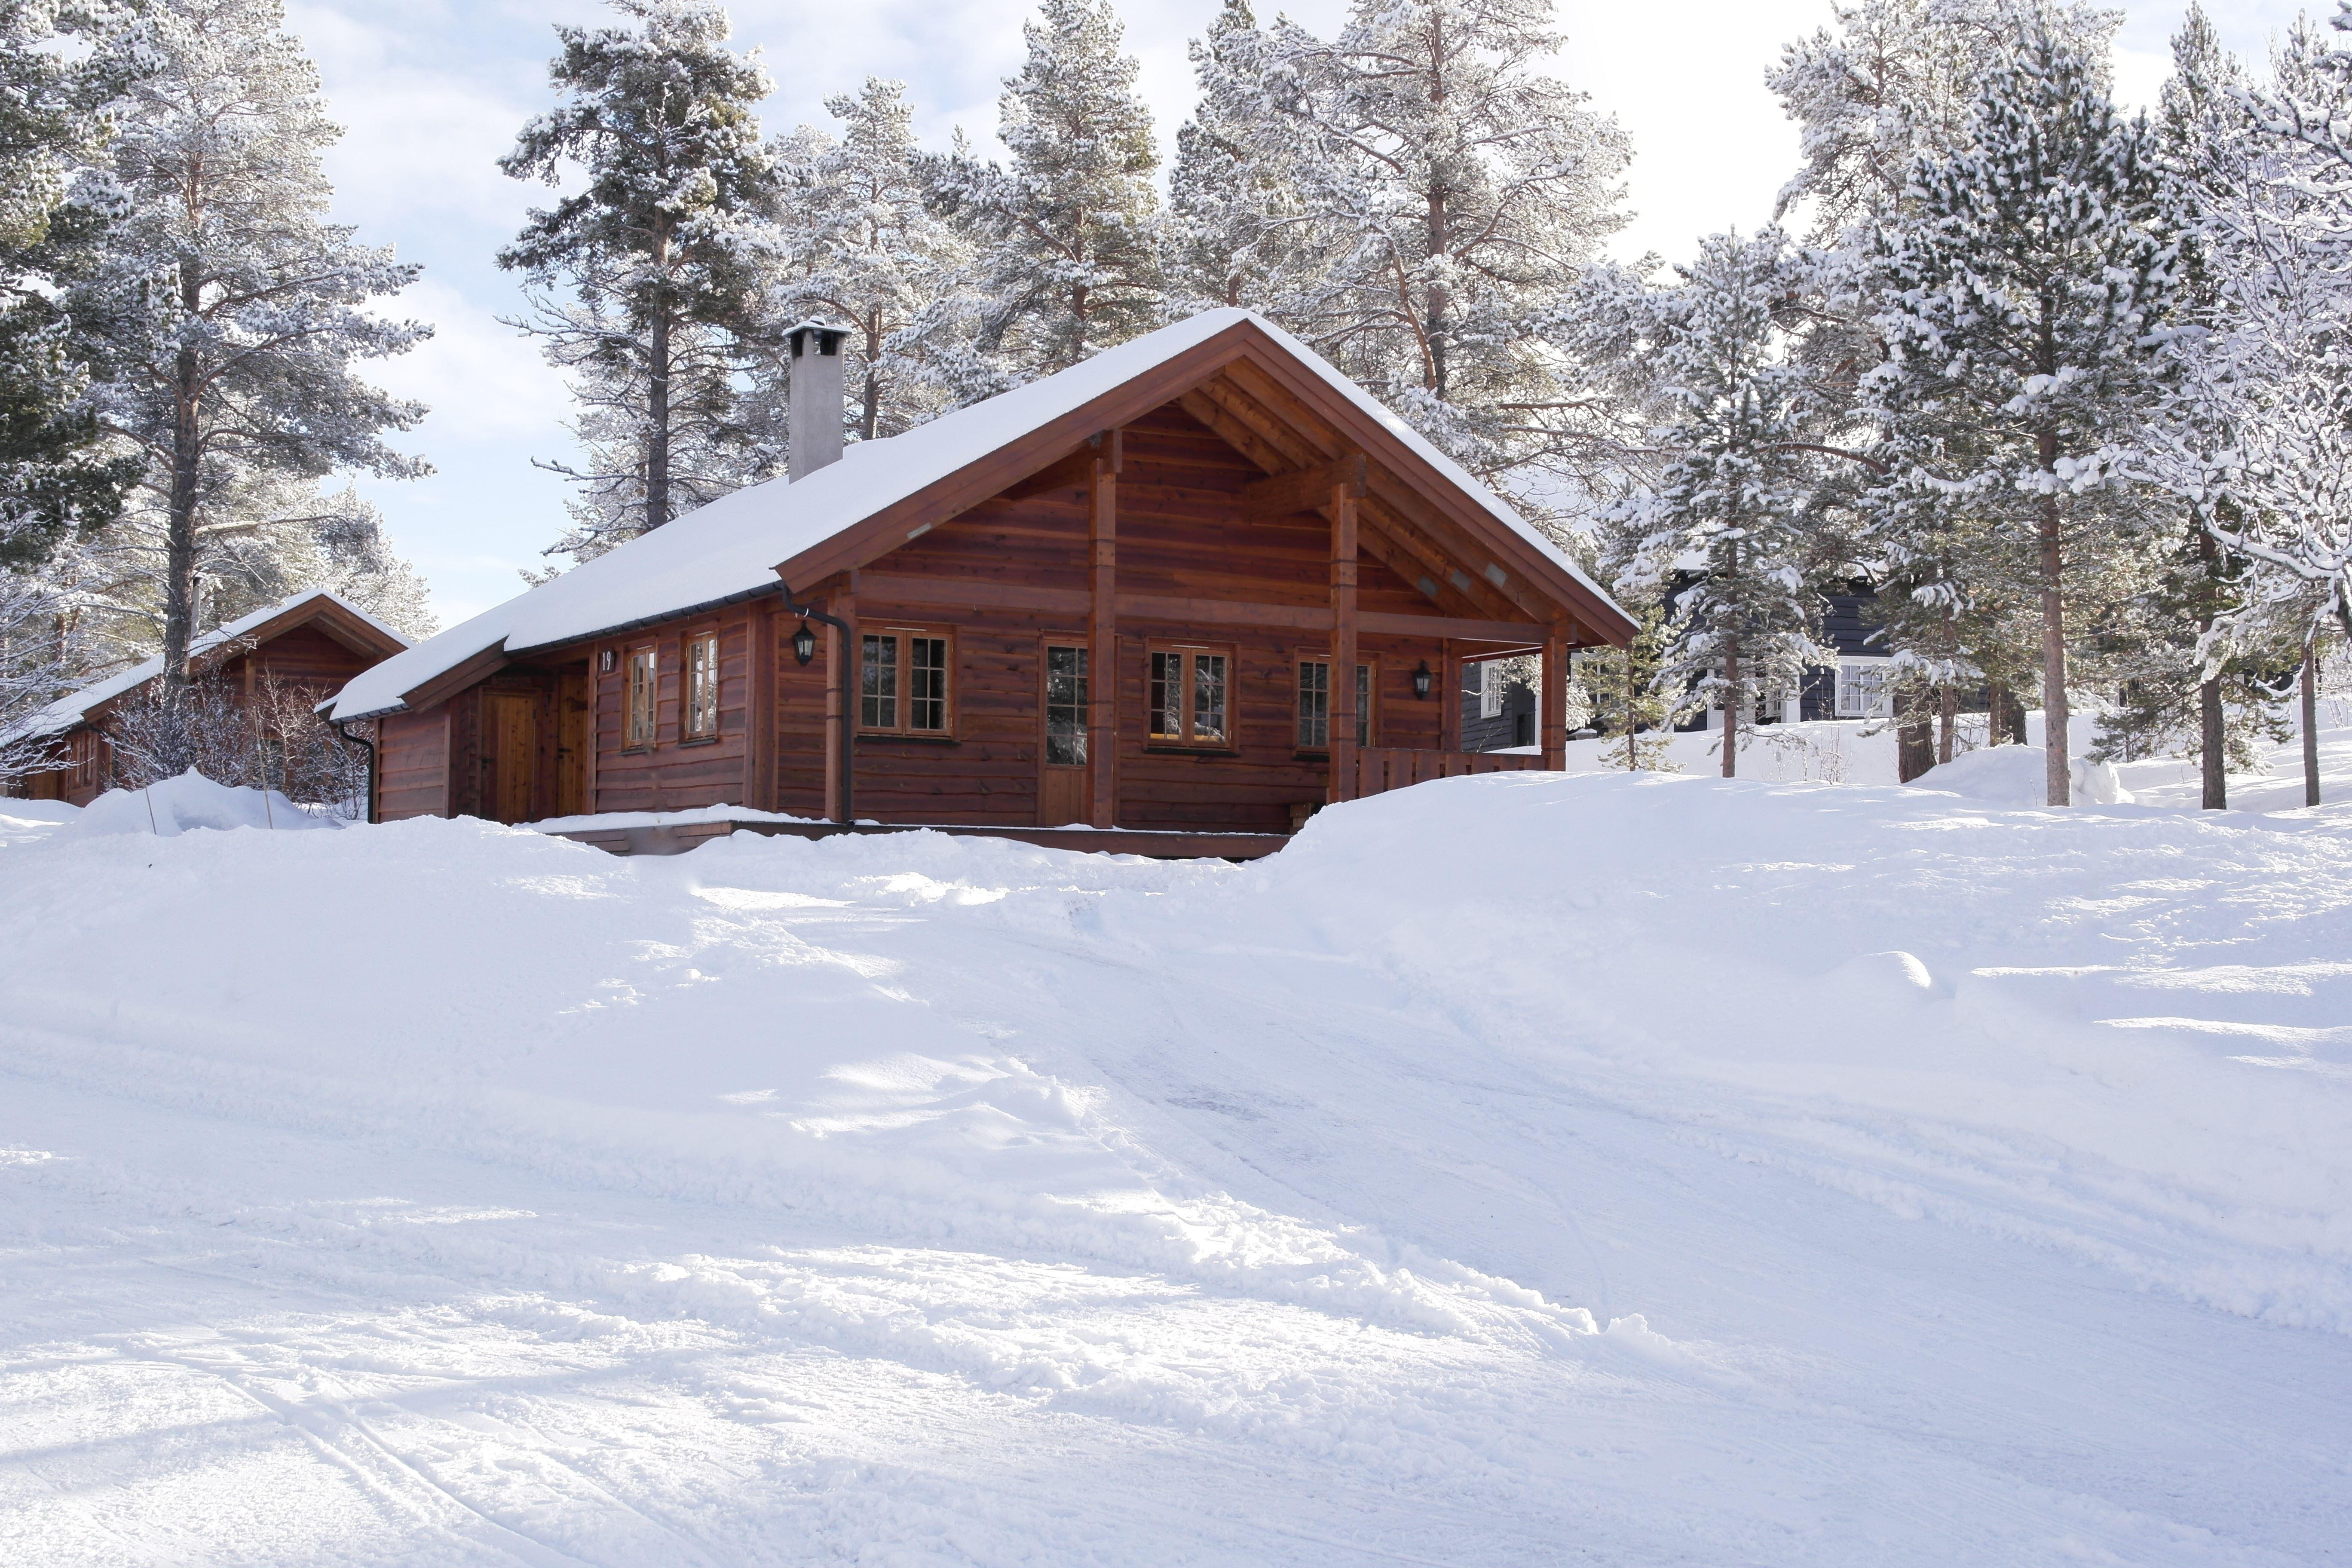 Geilolia Hyttetun 10sengshytte/ Geilolia Cabins 10bed cabin